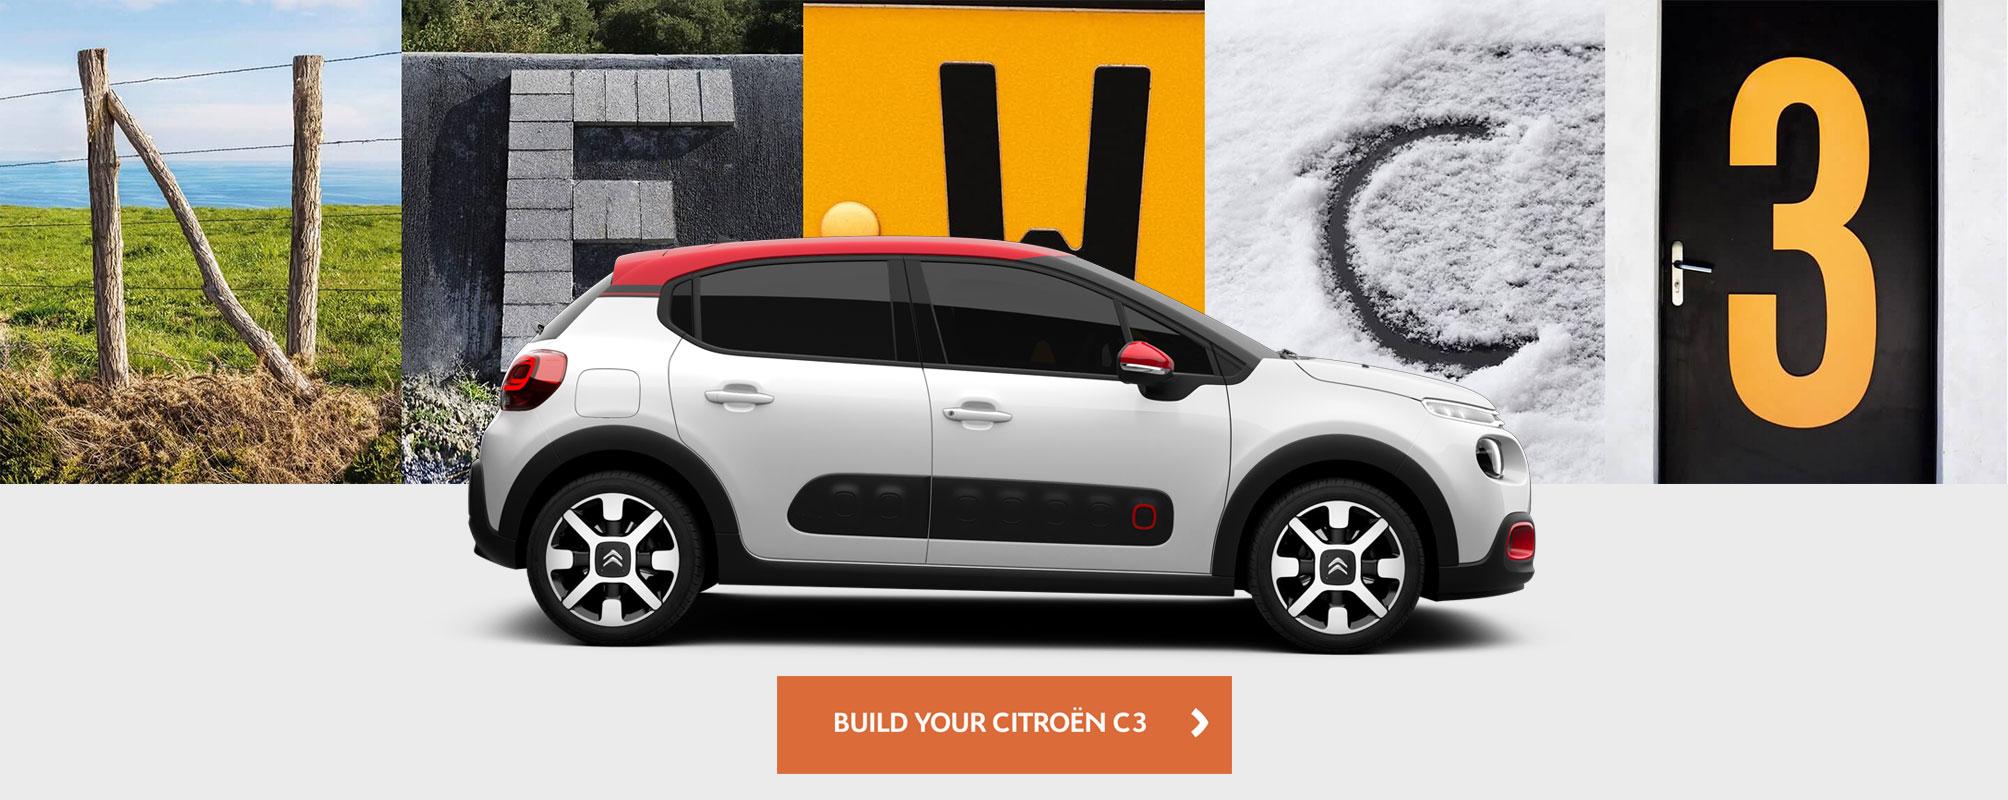 Citroen C3 Configurator. Build your own C3.